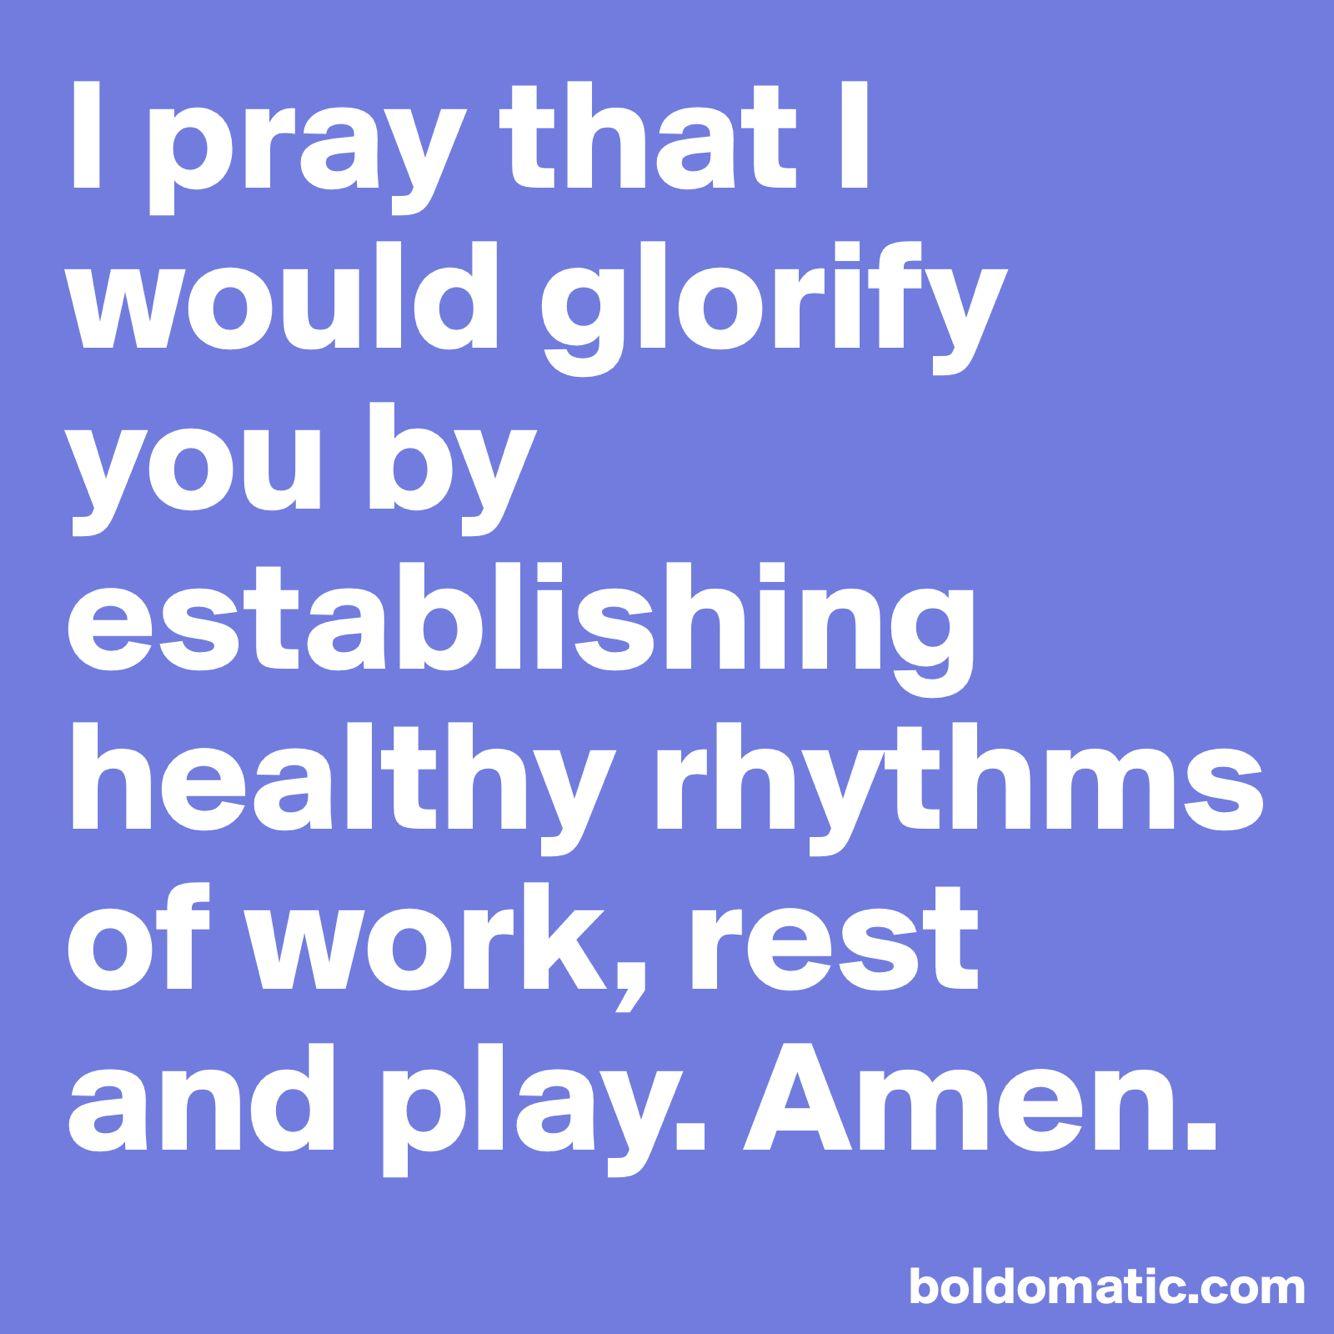 I pray that I would glorify you by establishing healthy rhythms of work, rest and play. Amen.